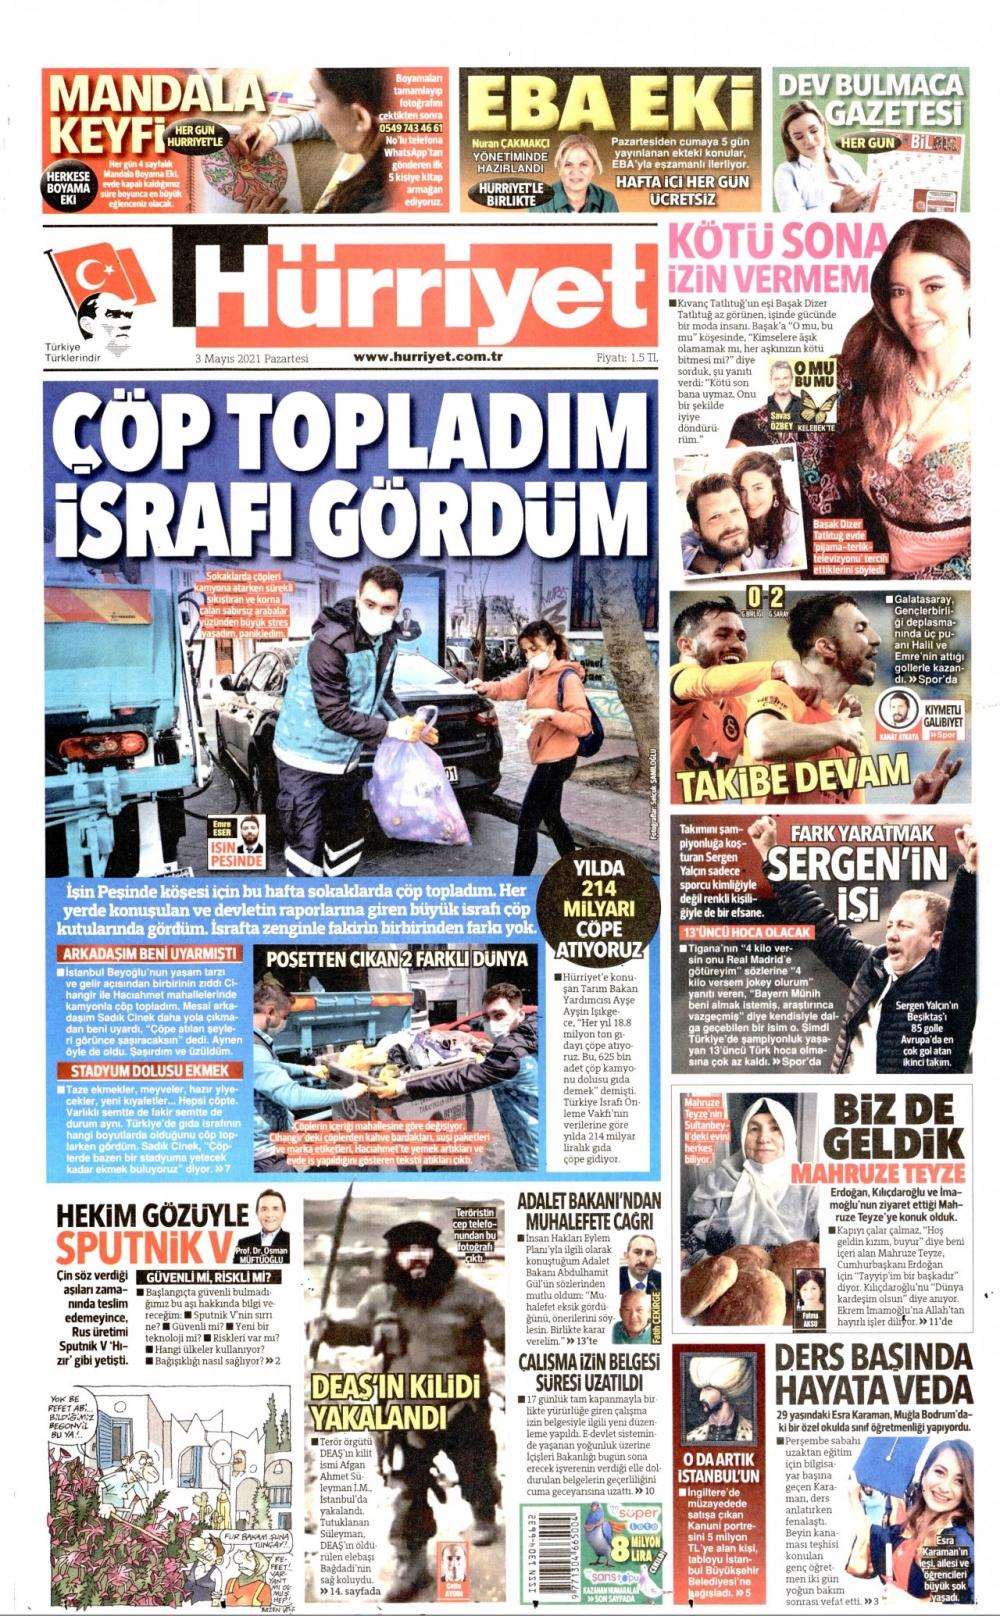 Günün Gazete Manşetleri 3 Mayıs 2021 Gazeteler Ne Diyor? 1